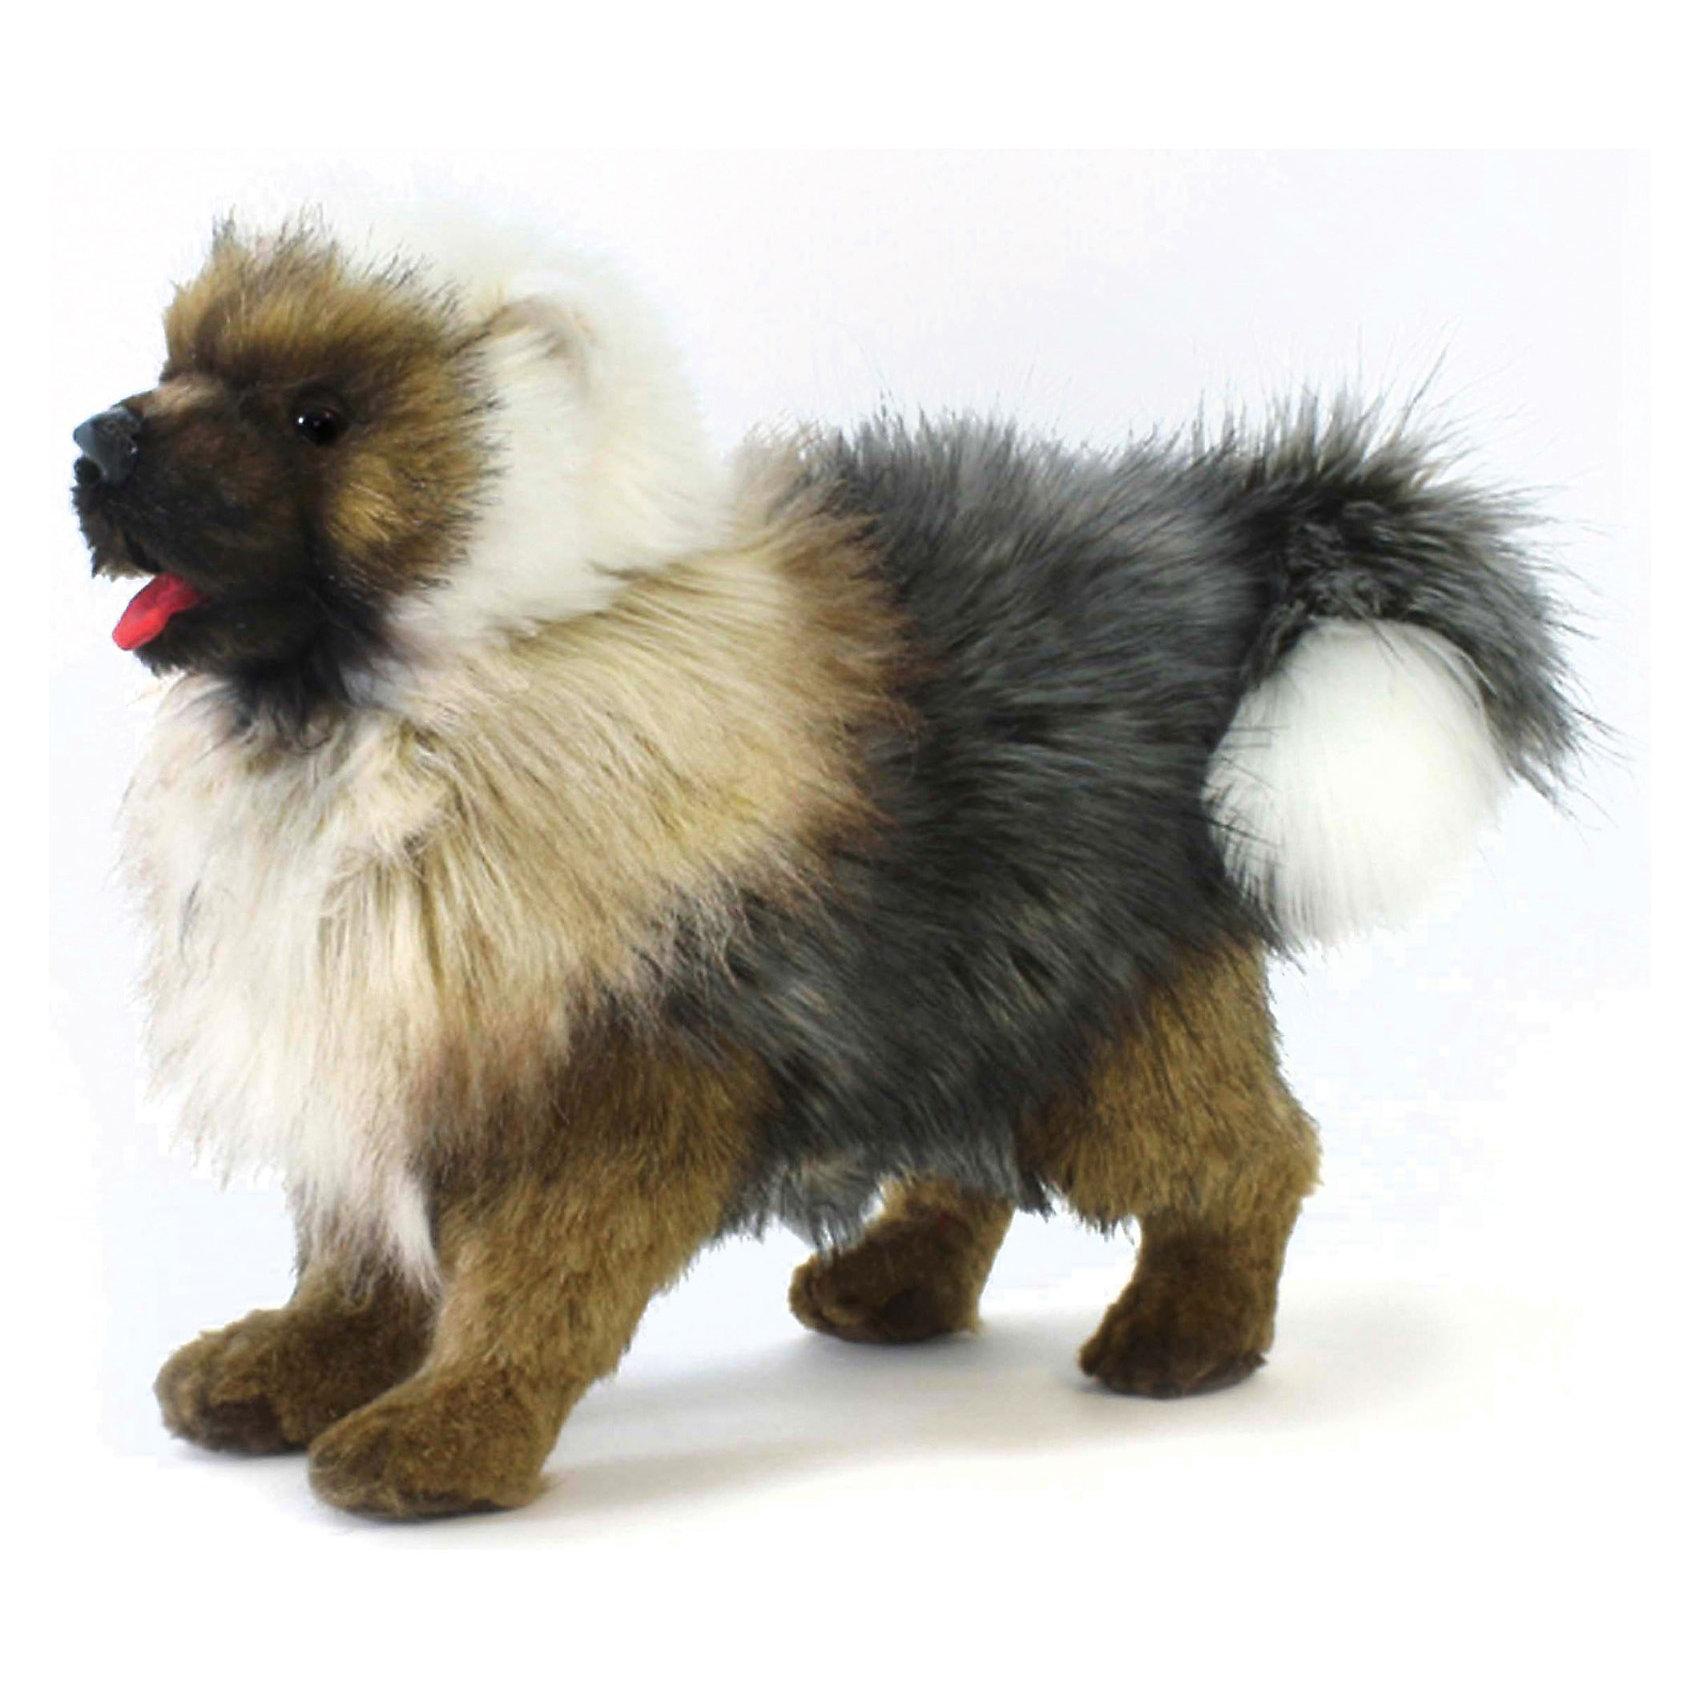 Чау-Чау щенок, 30 см ,  HansaКошки и собаки<br>У игрушечной копии настоящего щенка Чау-Чау от Hansa (Ханса)  длинная и мохнатая шерсть, которую можно причесывать щеткой, и забавный красный язычок. Основанием для поддержания конструкции игрушки служит прочный и надёжный металлический каркас, а плотная набивка выполнена из высококачественного искусственного меха, не содержащего в составе волокон аллергических веществ. Мягкая игрушка подарит массу удовольствия и активно развивает зрительное и тактильное восприятие, воображение и фантазию.  Изготавливается игрушка из искусственного меха, специально обработанного для придания схожести с мехом конкретного вида животного. <br>Весёлый и потешный песик  станет верным и преданным другом своему маленькому хозяину! <br><br>Дополнительная информация:<br><br>- Высота: 30 см;<br>- Материал: искусственный мех, металл;<br>- Размер упаковки: 30 х 15 х 26 см;<br>- Вес с упаковкой: 255 г.<br><br>Щенка Чау-Чау, 30 см,  Hansa (Ханса) можно купить в нашем интернет-магазине.<br><br>Ширина мм: 300<br>Глубина мм: 150<br>Высота мм: 260<br>Вес г: 255<br>Возраст от месяцев: 168<br>Возраст до месяцев: 276<br>Пол: Унисекс<br>Возраст: Детский<br>SKU: 3563699